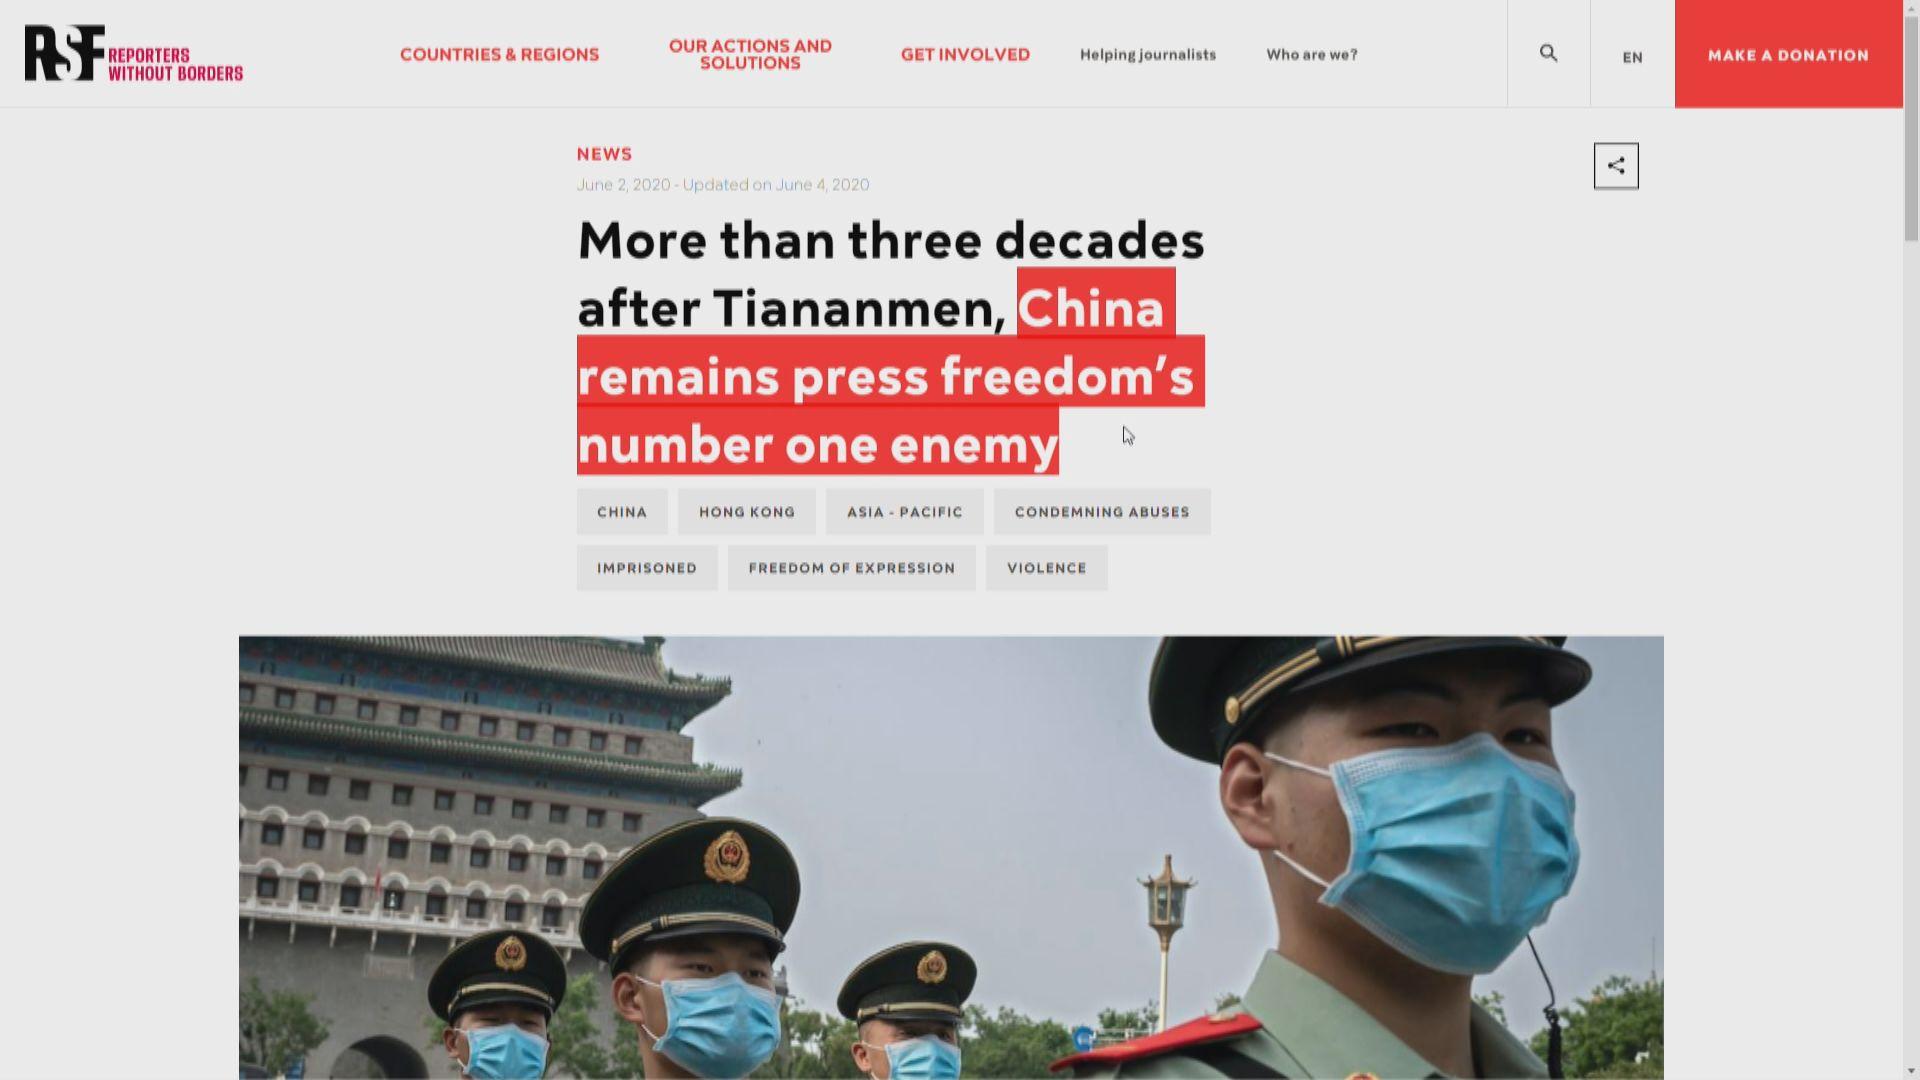 無國界記者:中國是新聞自由頭號敵人